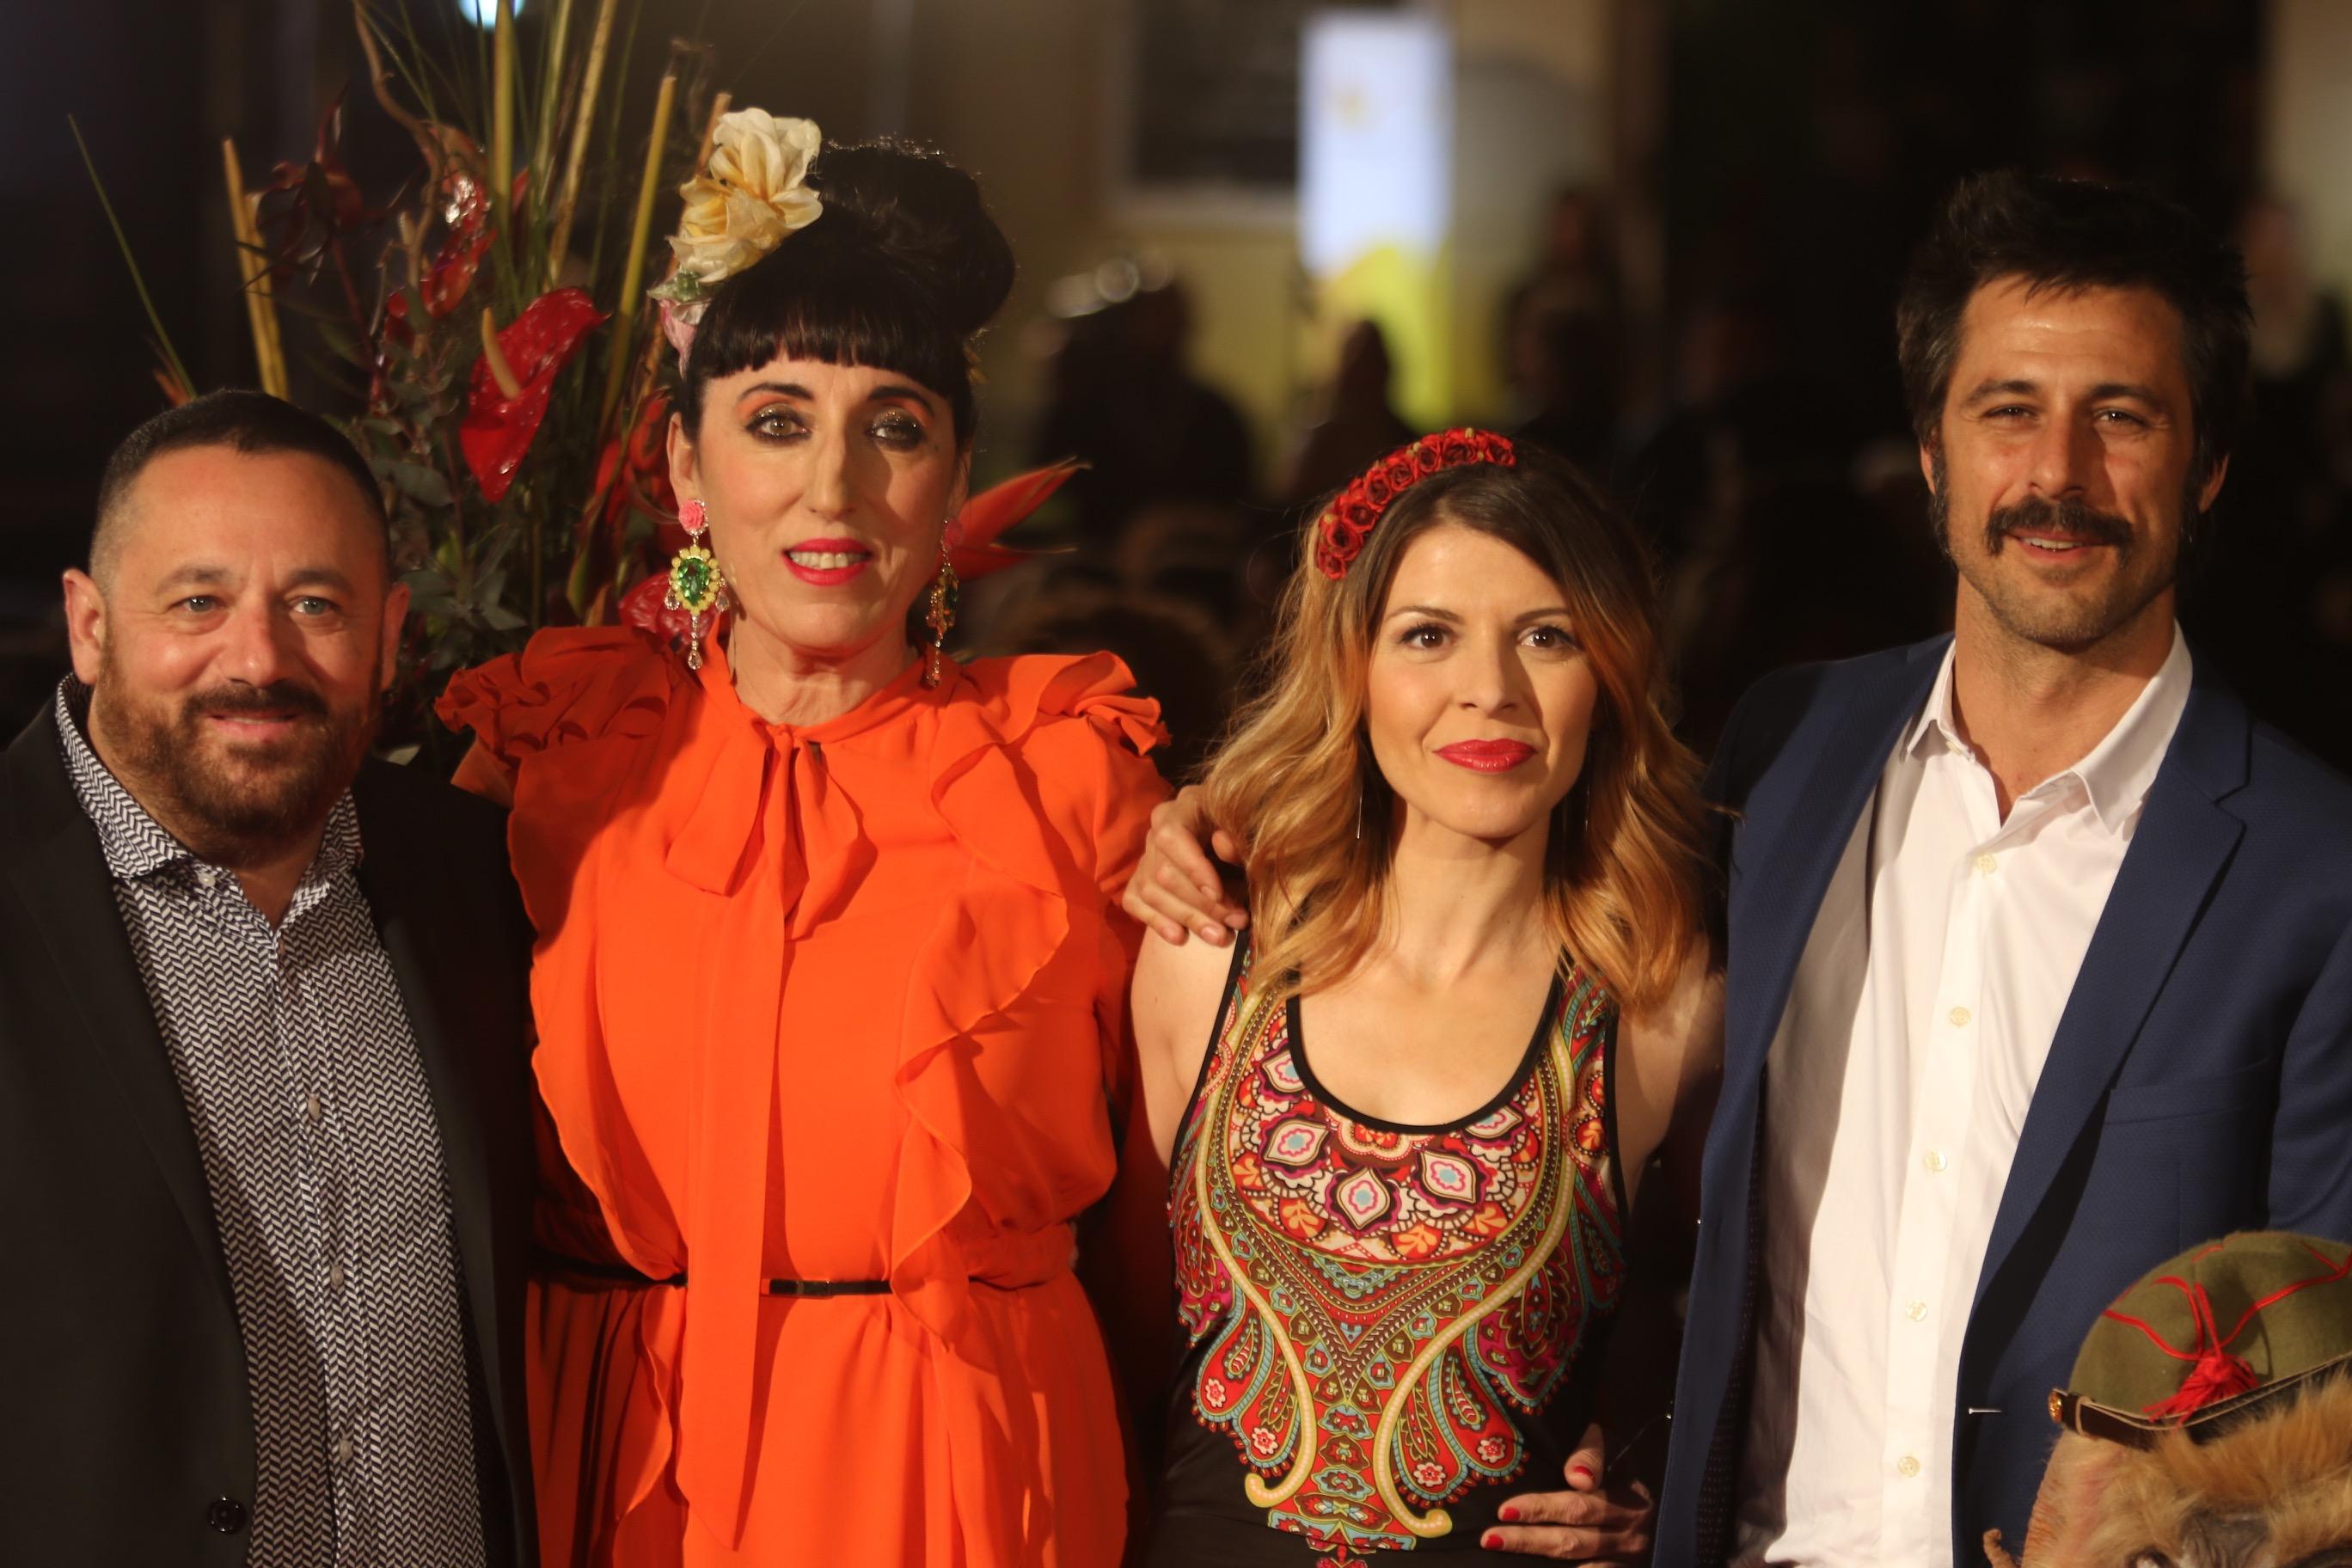 Con la presencia del director Ignacio Nacho, los actores Pepón Nieto, Rossy de Palma, Hugo Silva, Natalia Roig, Salva Reina, Mara Guil el equipo de la película 'EL INTERCAMBIO'. en el 20 festival de cine de Málaga